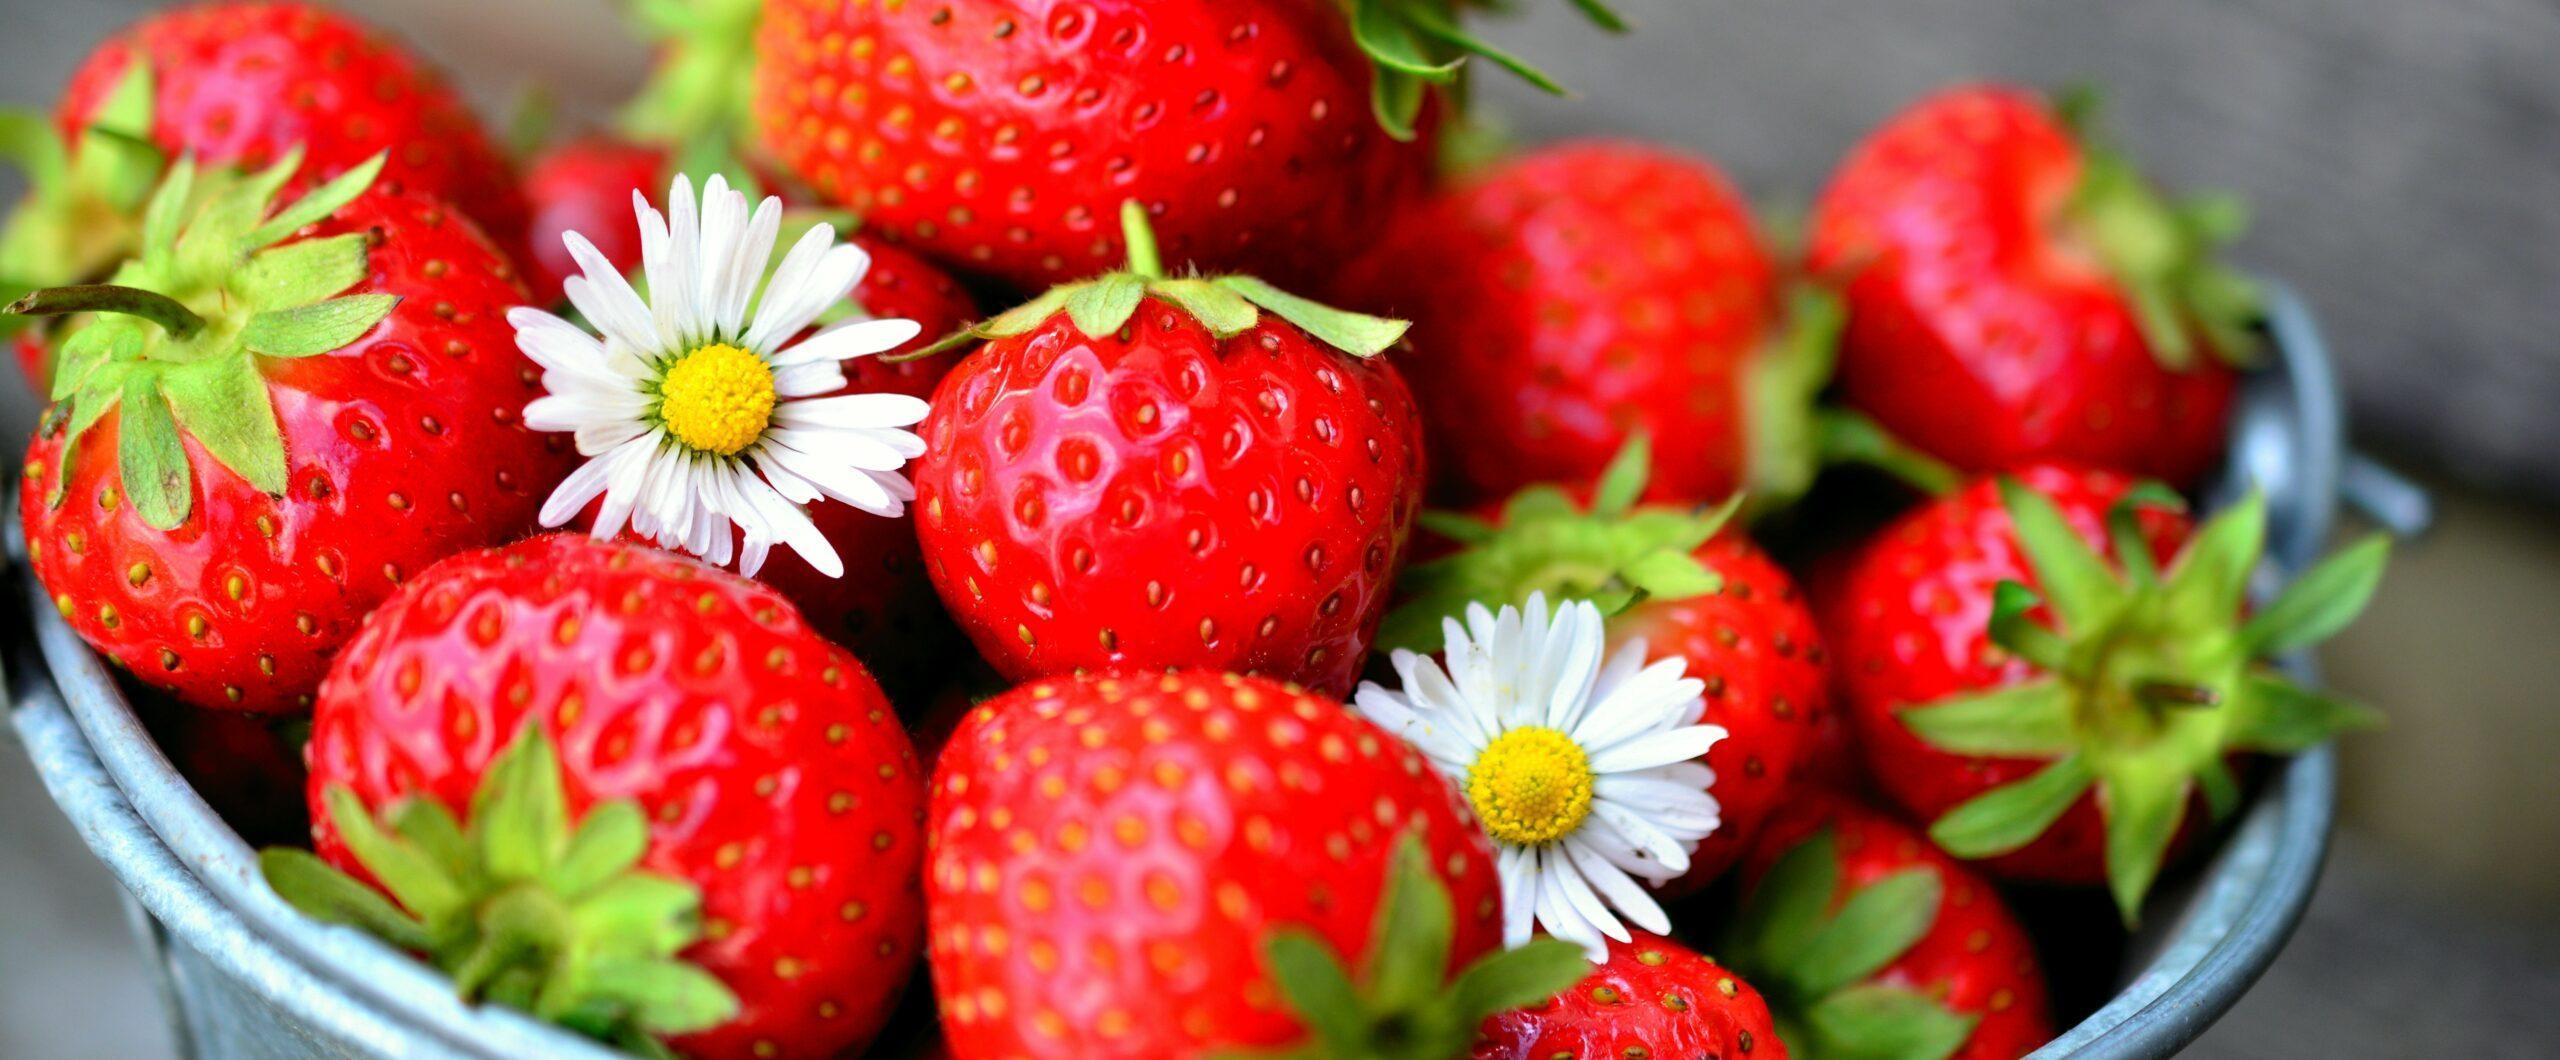 strawberries-3974840_